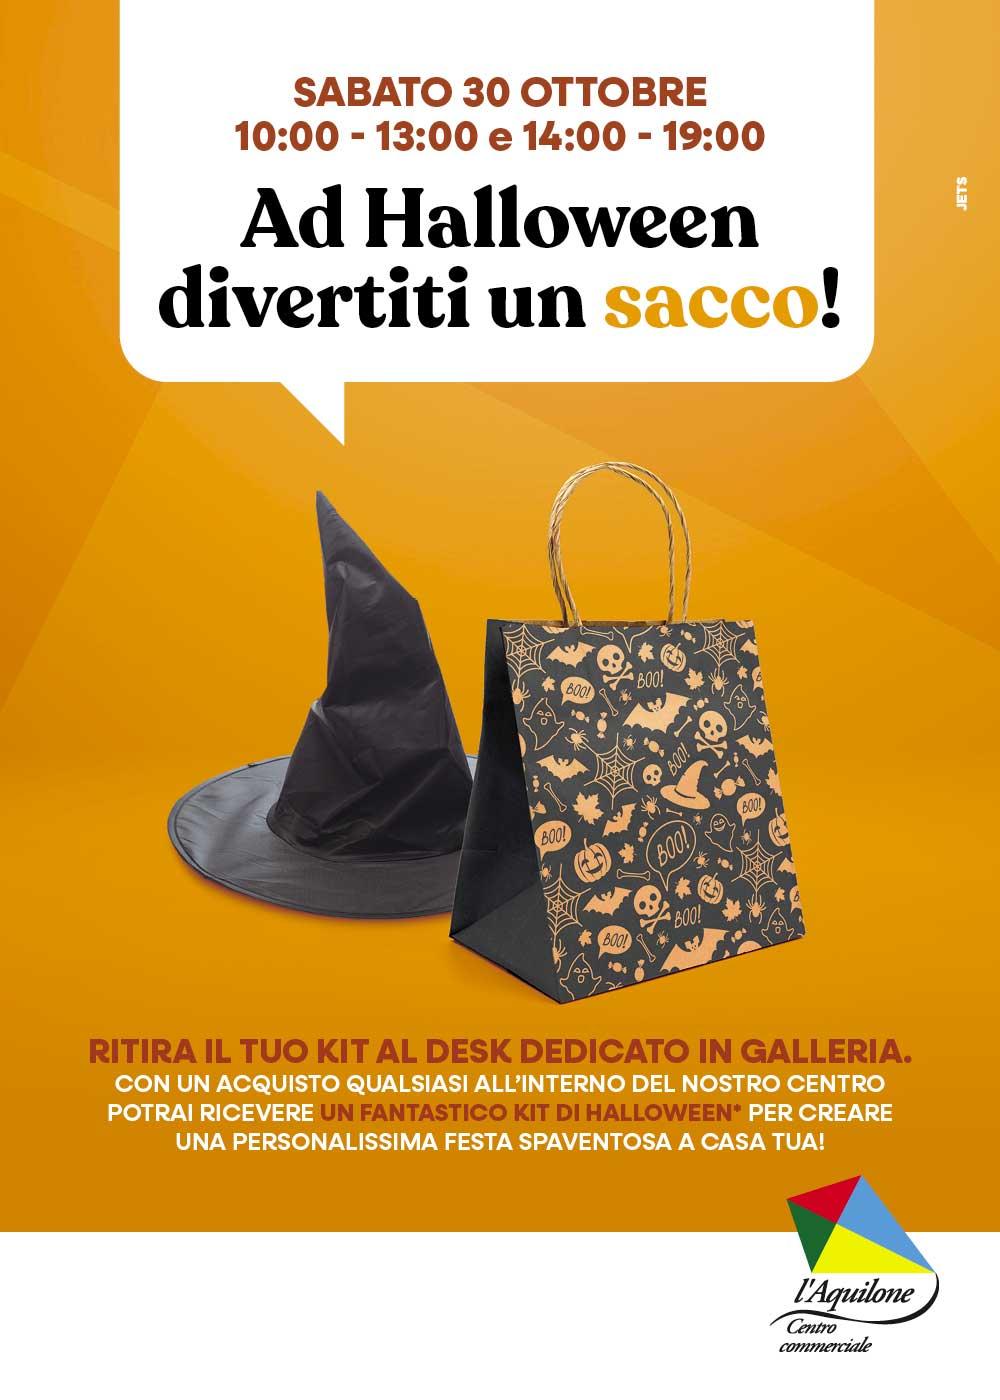 30 ottobreAd Halloween divertiti un sacco!